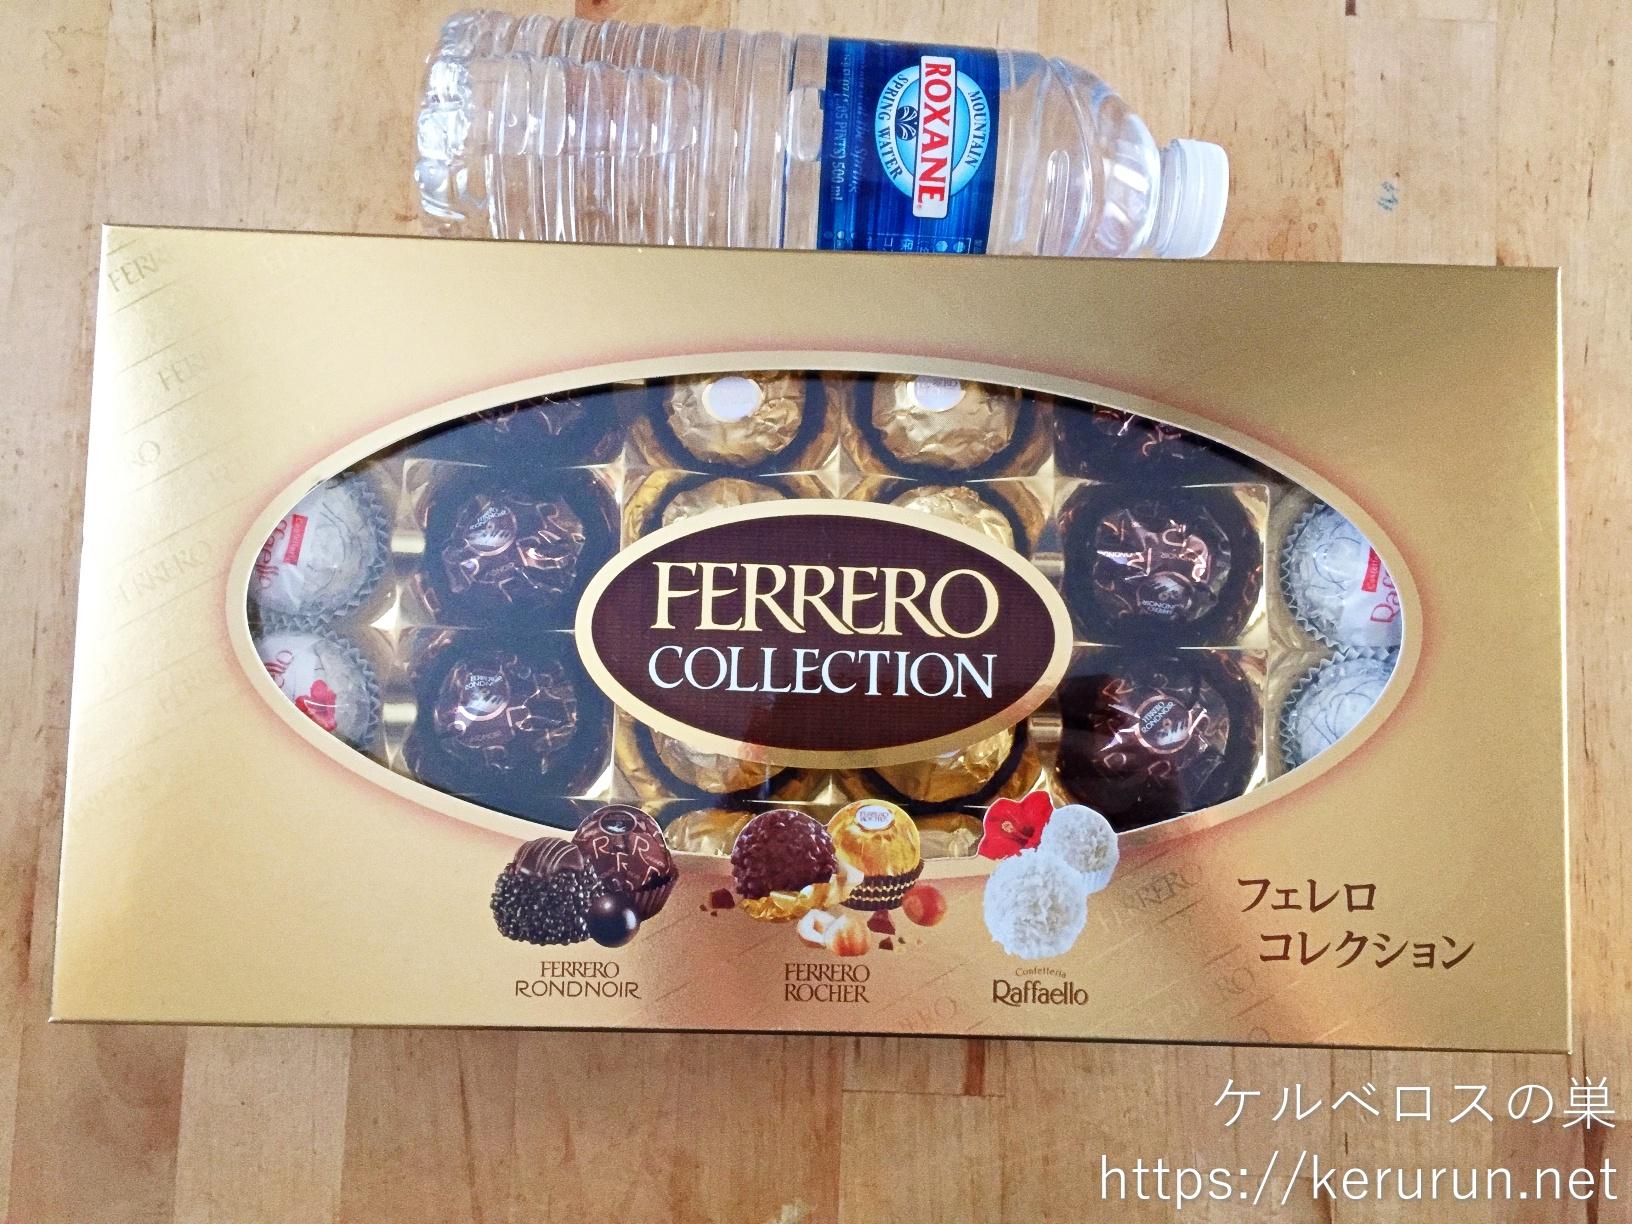 【コストコ】FERRERO COLLECTION フェレロ コレクション 24粒×2個入り